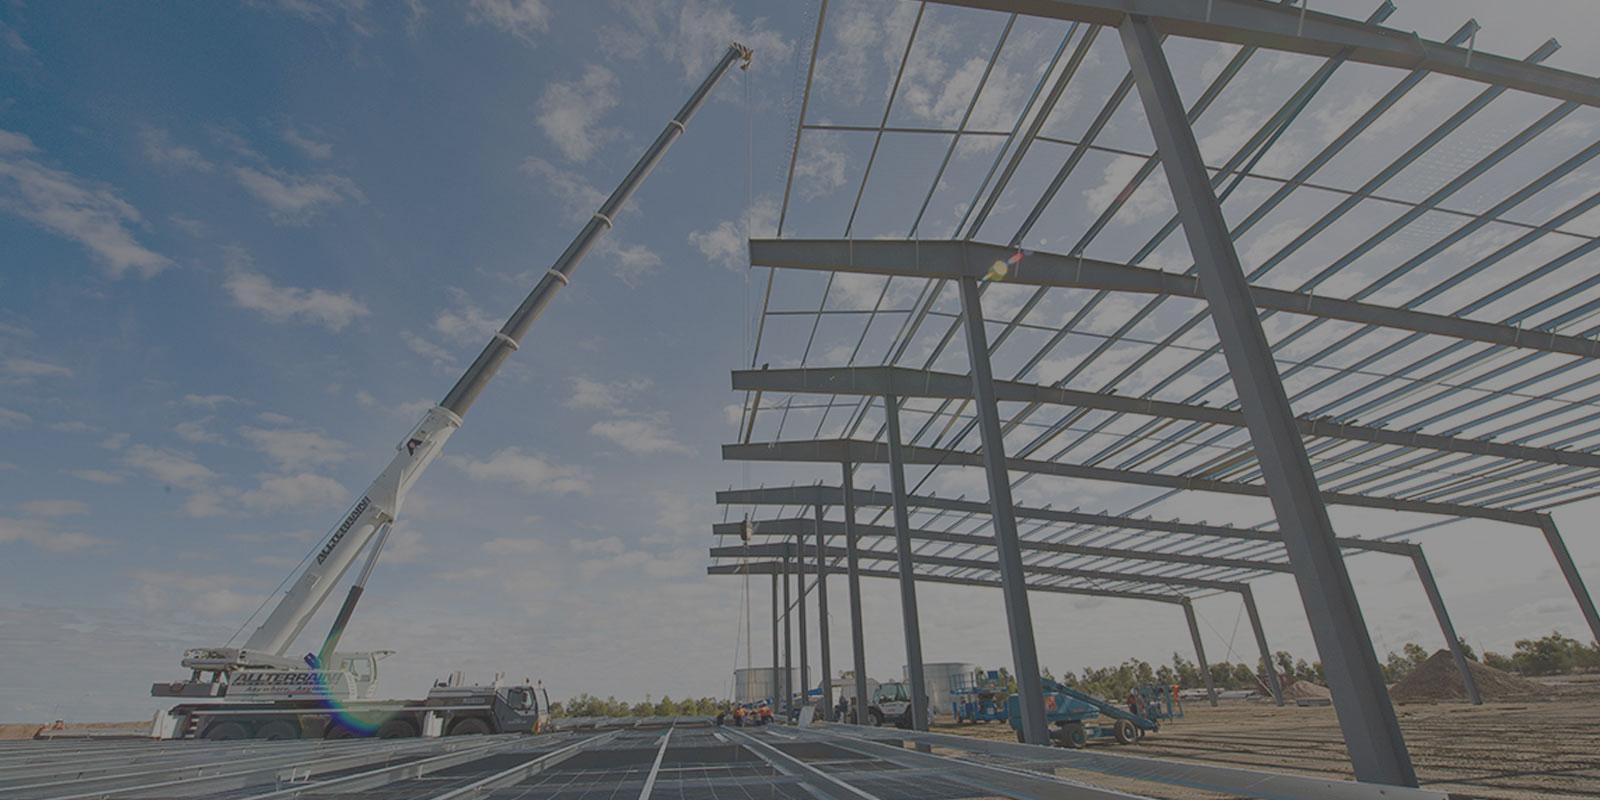 Строительная компания промышленное строительство компания строительная дом на кубани